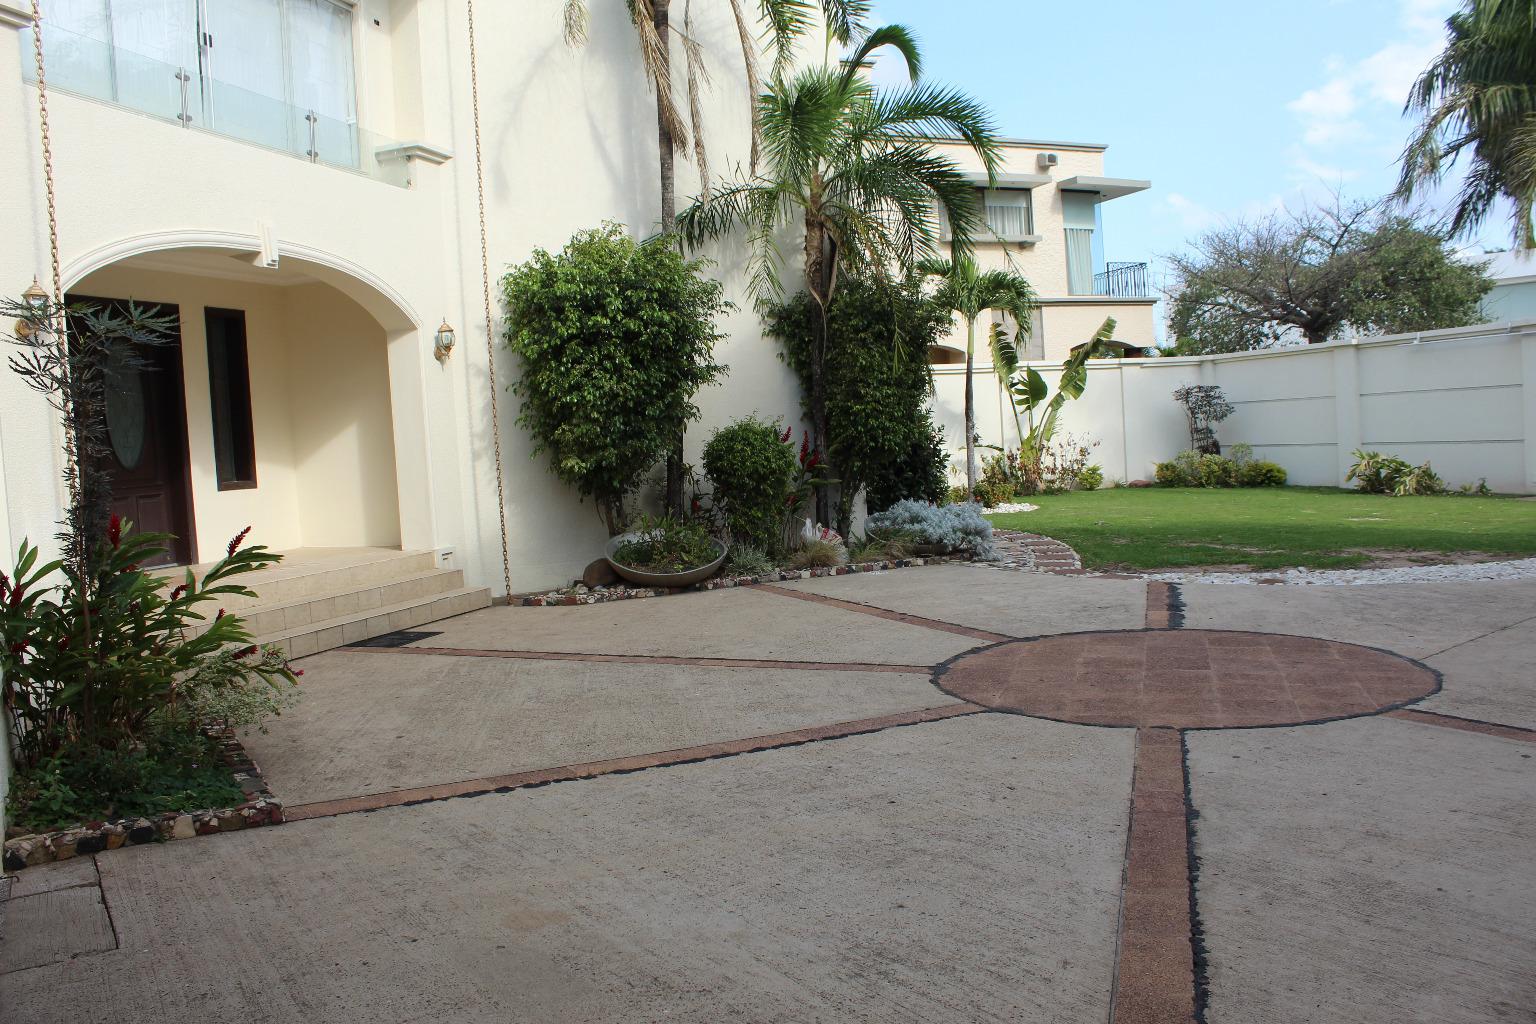 Casa en Venta 5to ANILLO BENI, CASA EN VENTA LA HACIENDA 1 Foto 2